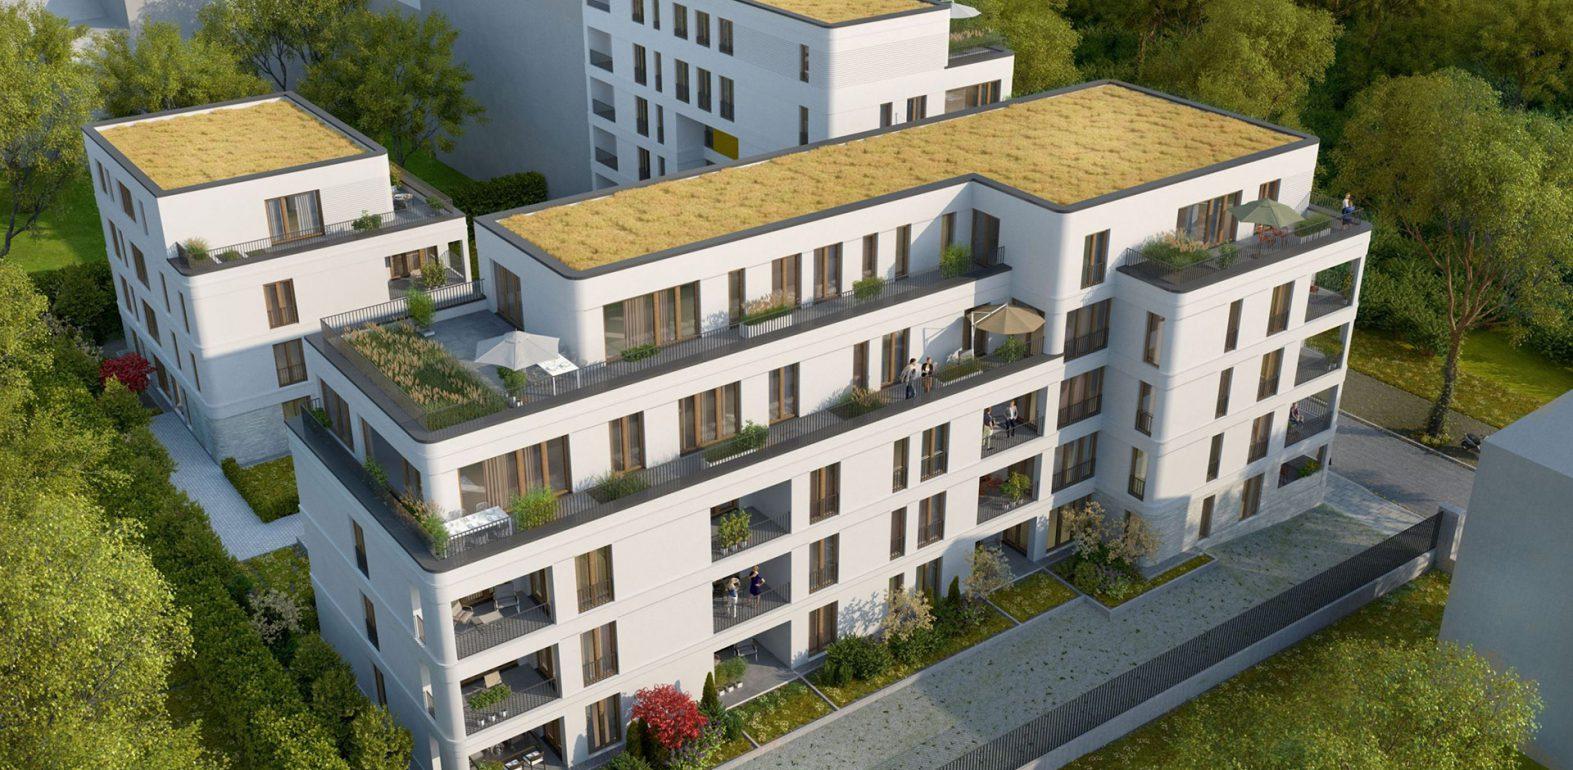 Bernsteinhaus, Duisburg-Duissern 31